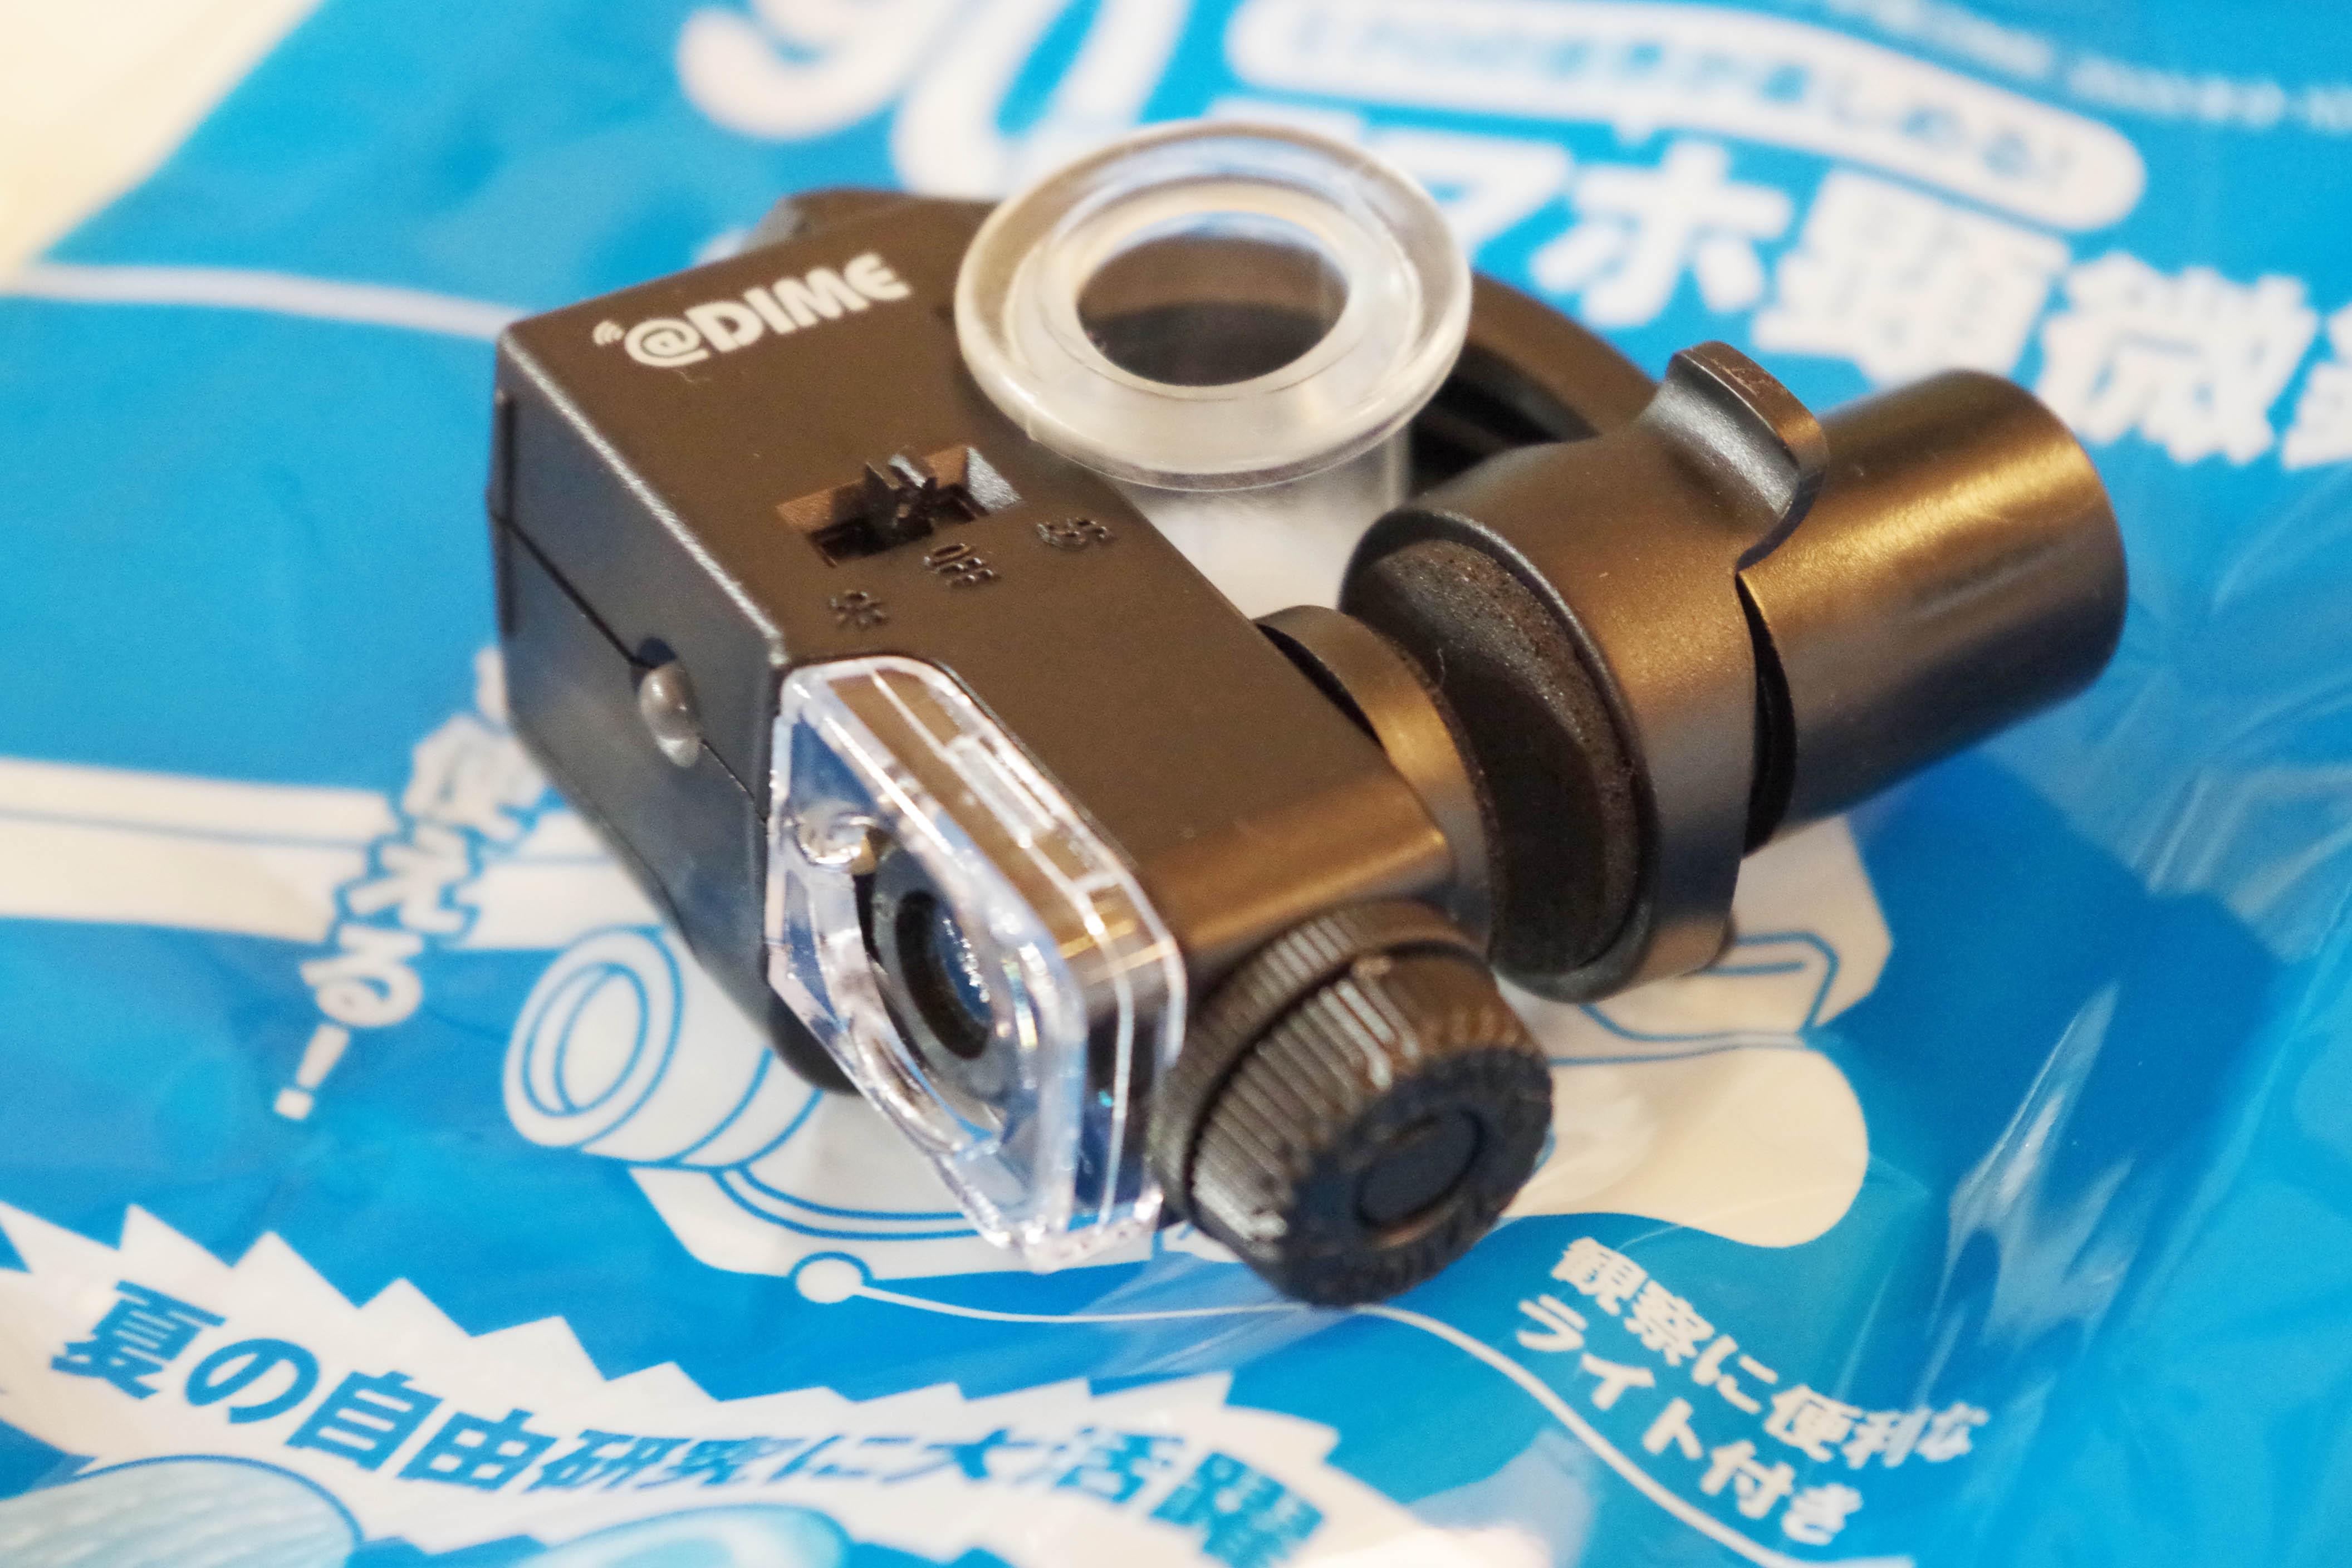 スマホ顕微鏡